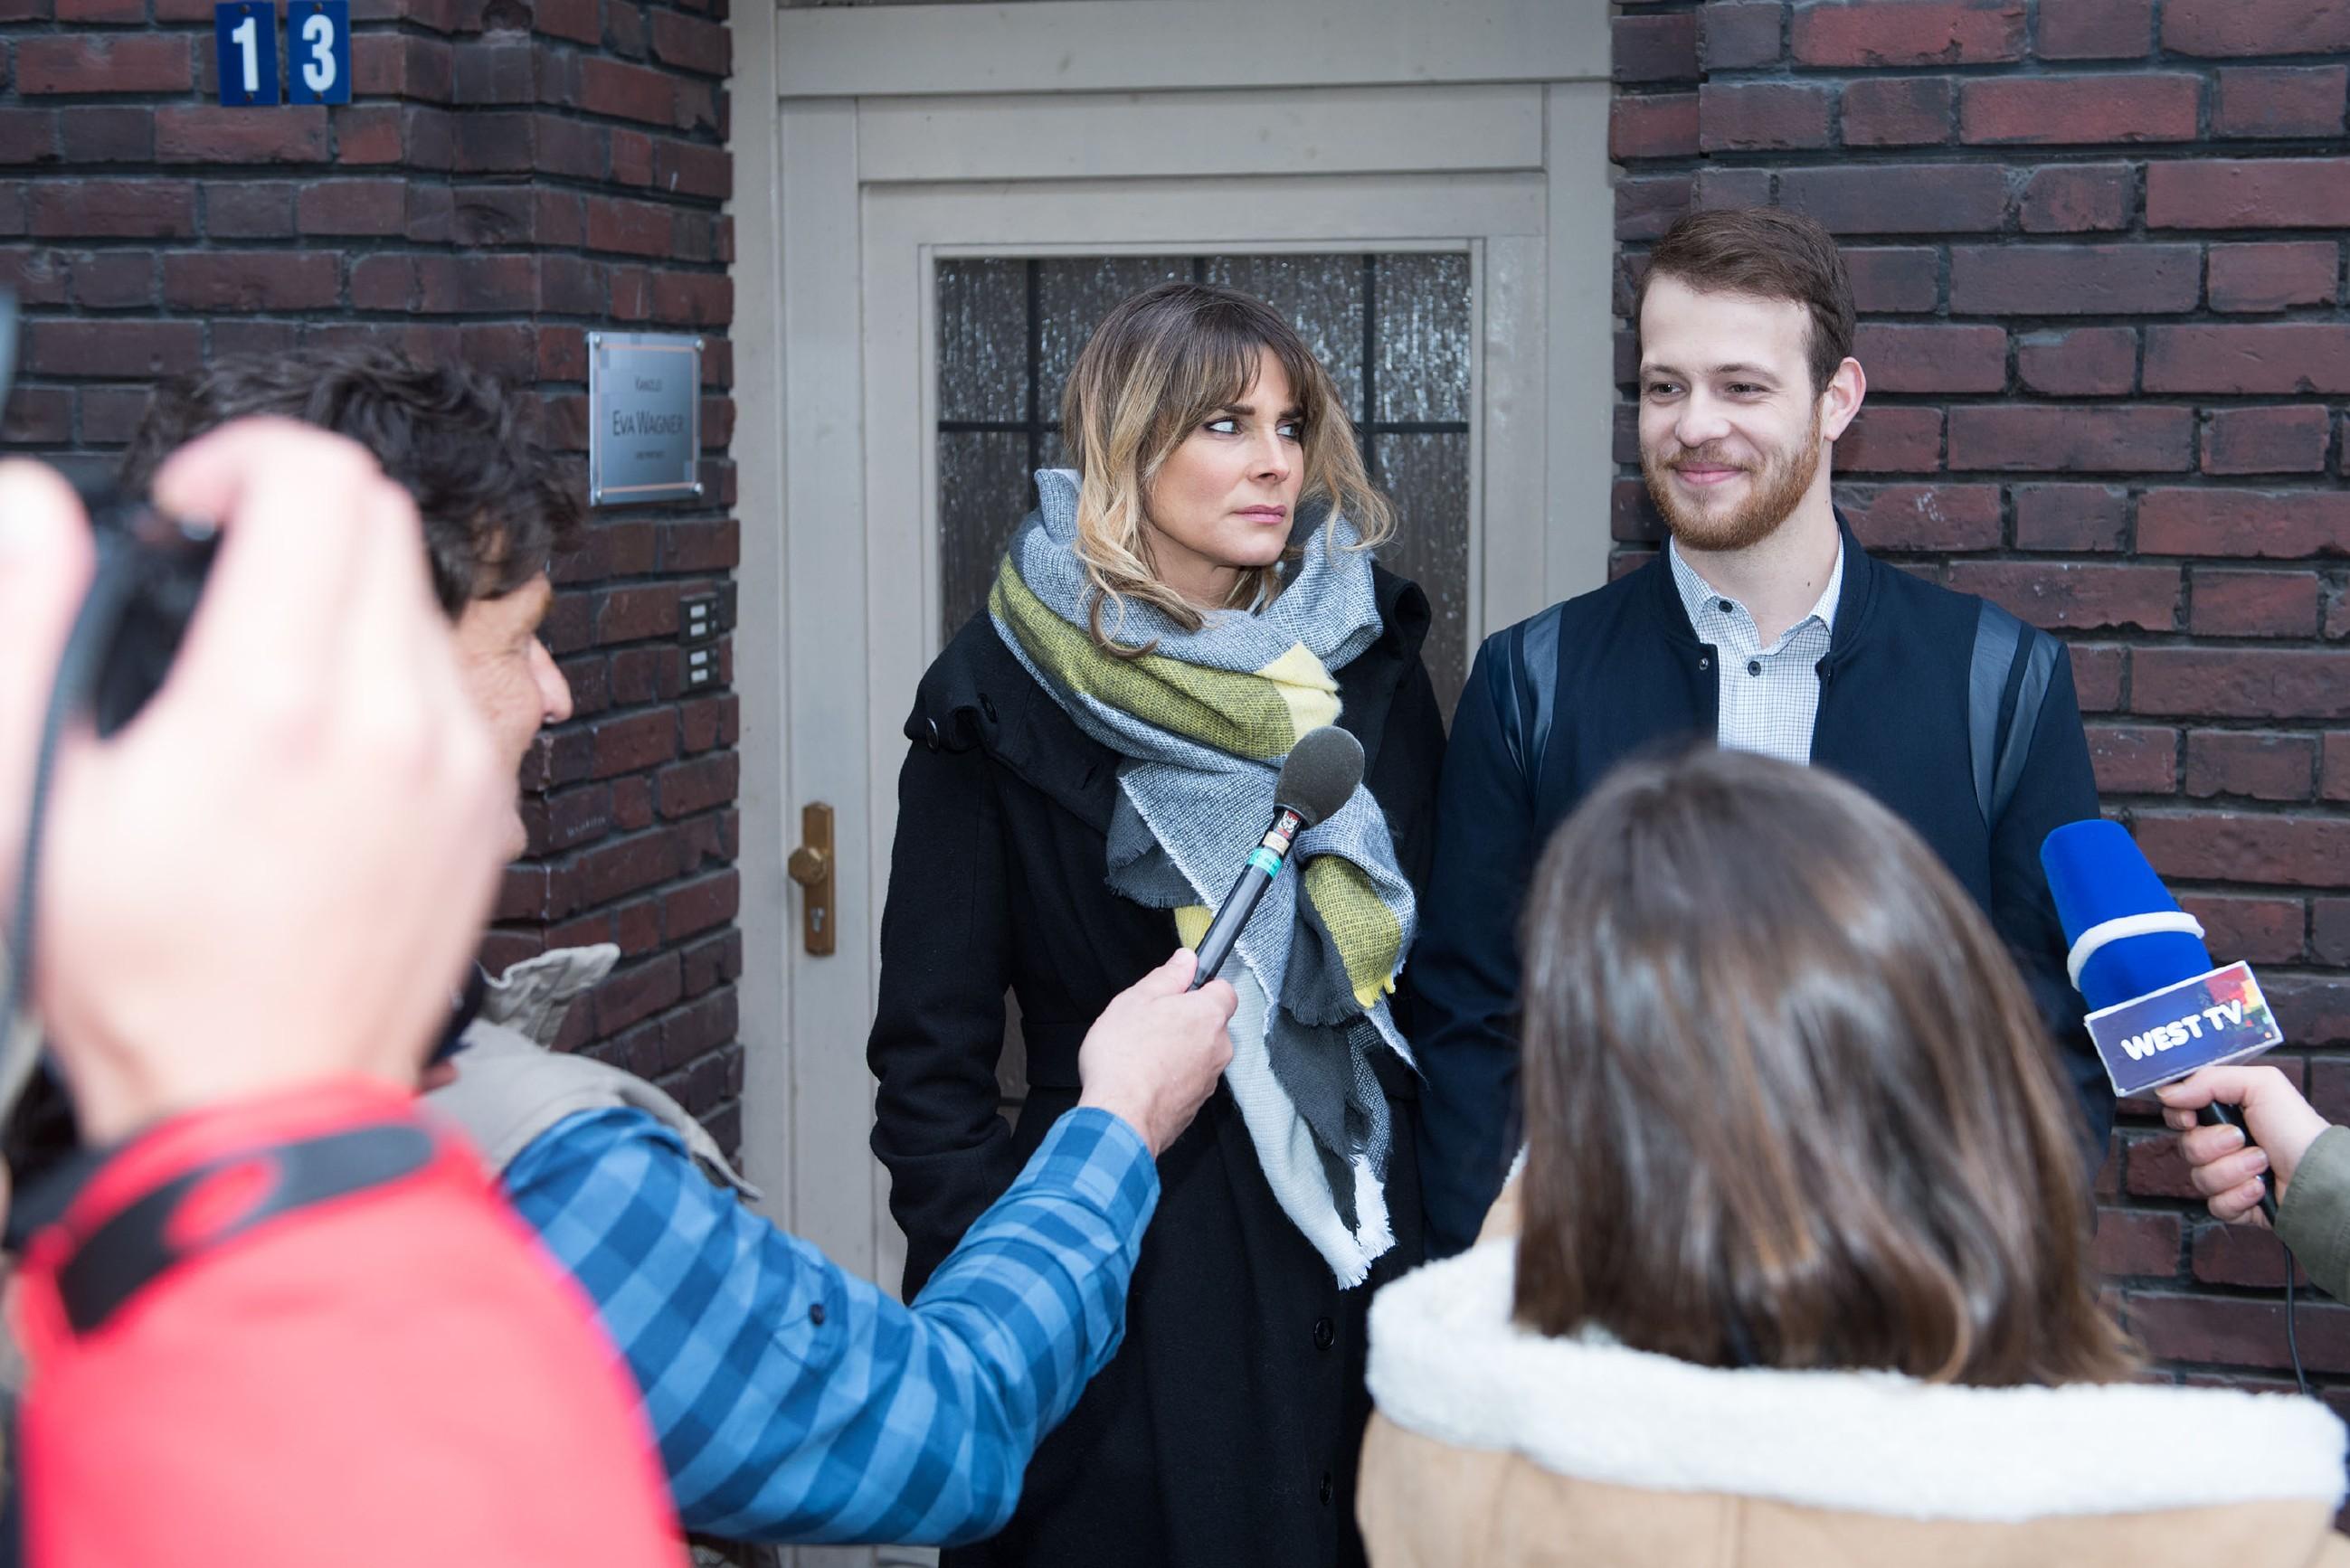 Als er mitbekommt, wie Eva (Claudelle Deckert) von der Presse zu dem Überfall interviewt wird, nutzt Tobias (Patrick Müller) das geschickt zu seinem Vorteil, um ihr Teilhaber zu werden. (Quelle: RTL / Stefan Behrens)